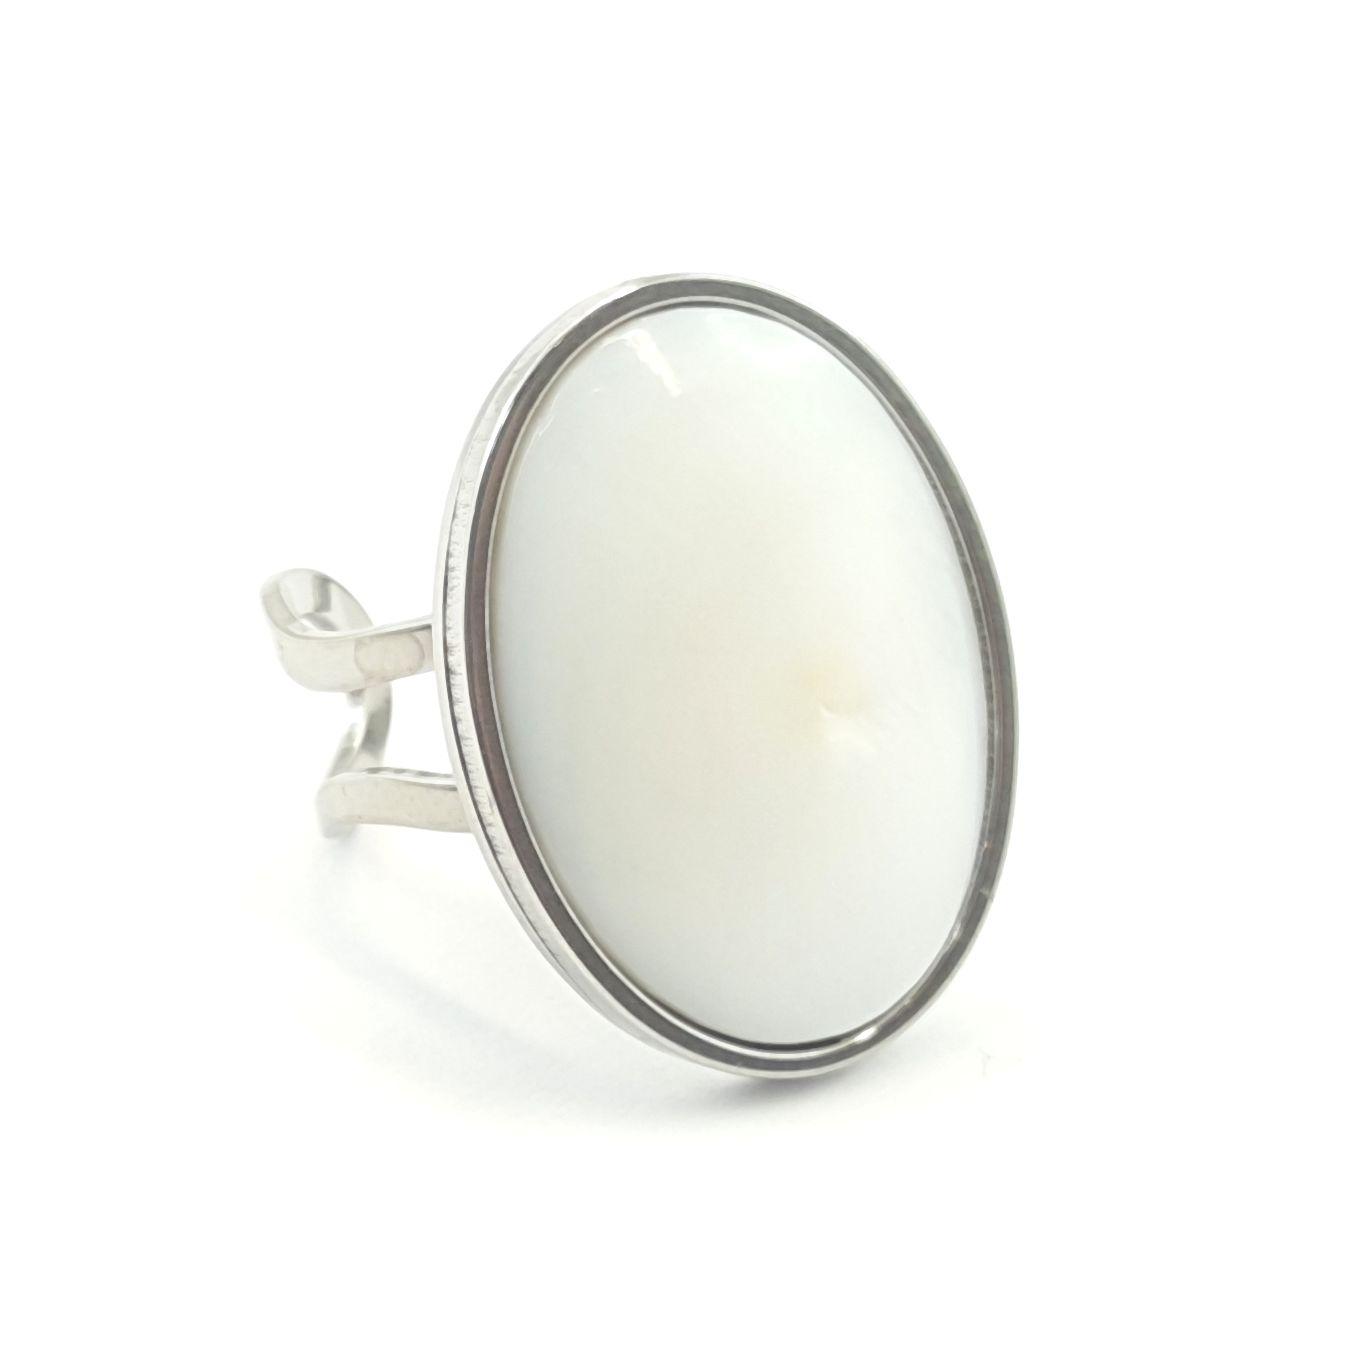 Bague ovale nacre et acier inox - identites bijoux